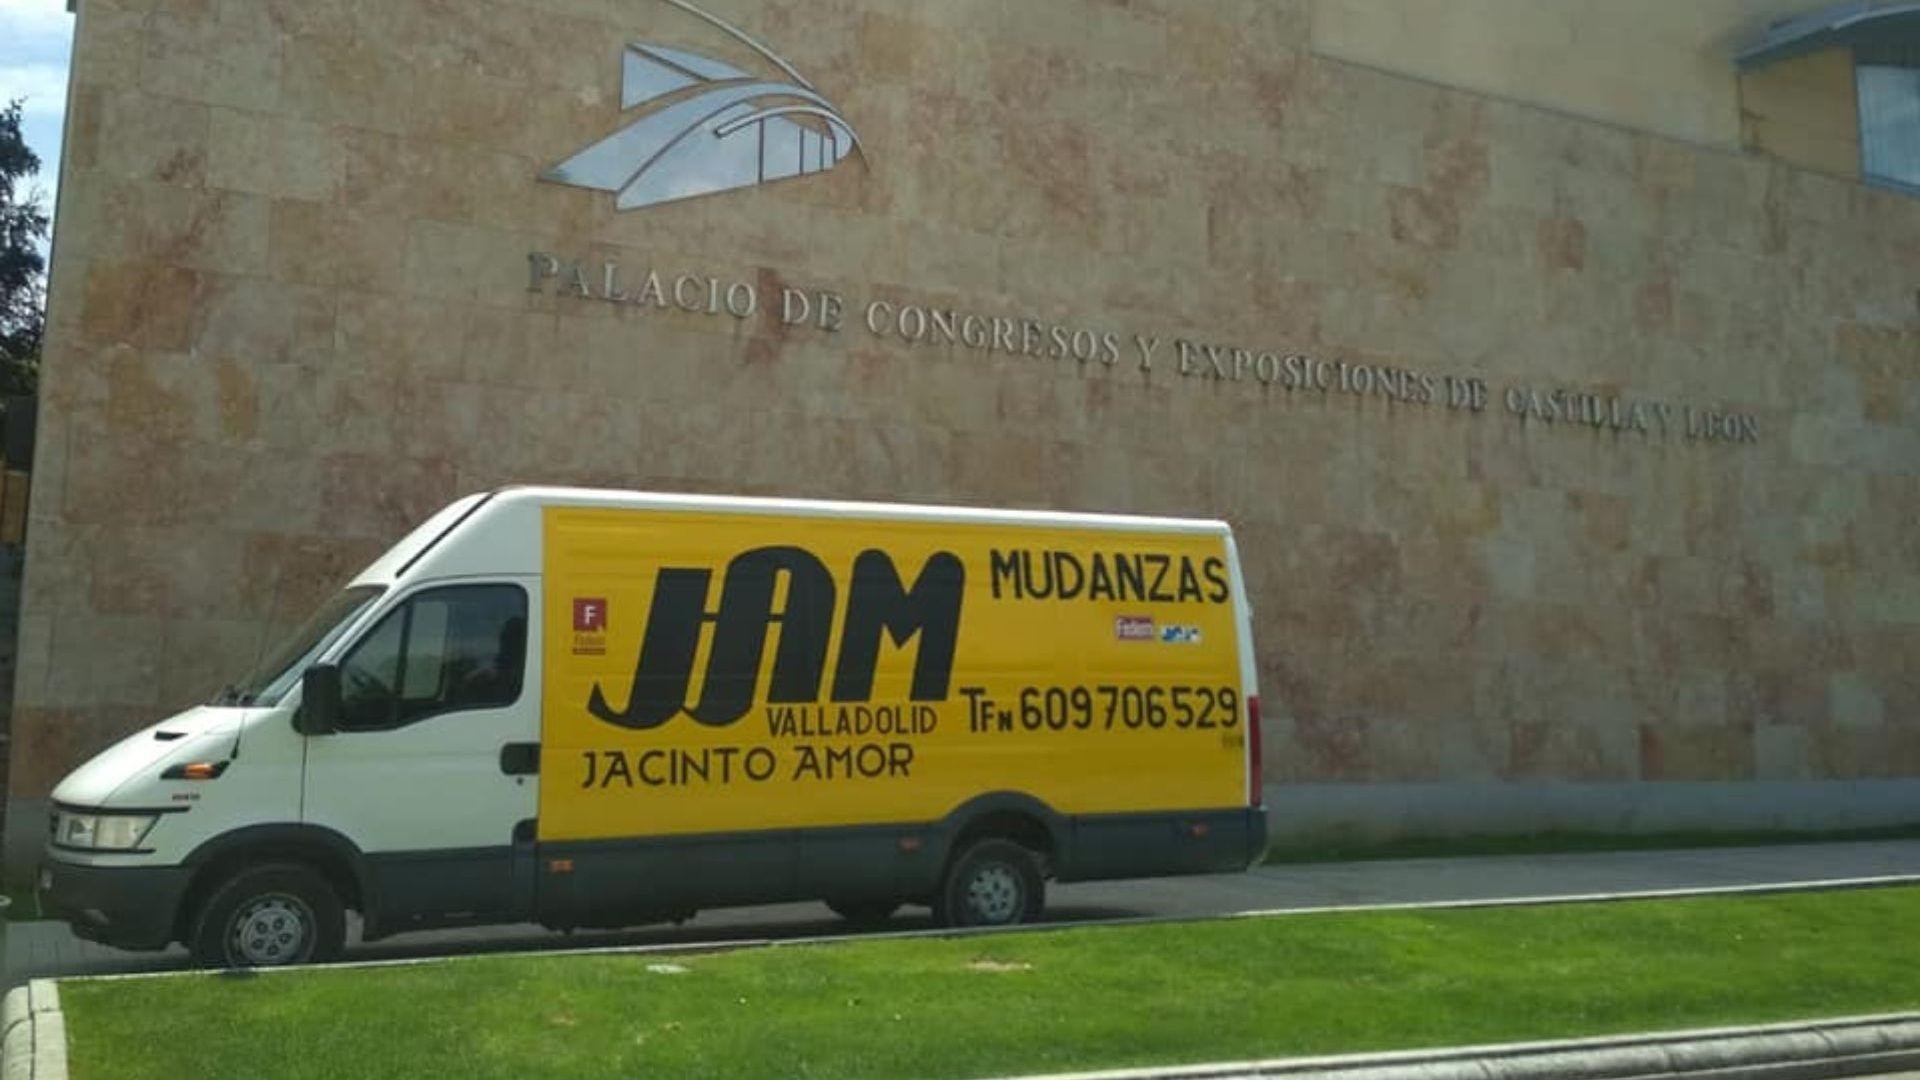 Empresa de mudanzas Valladolid